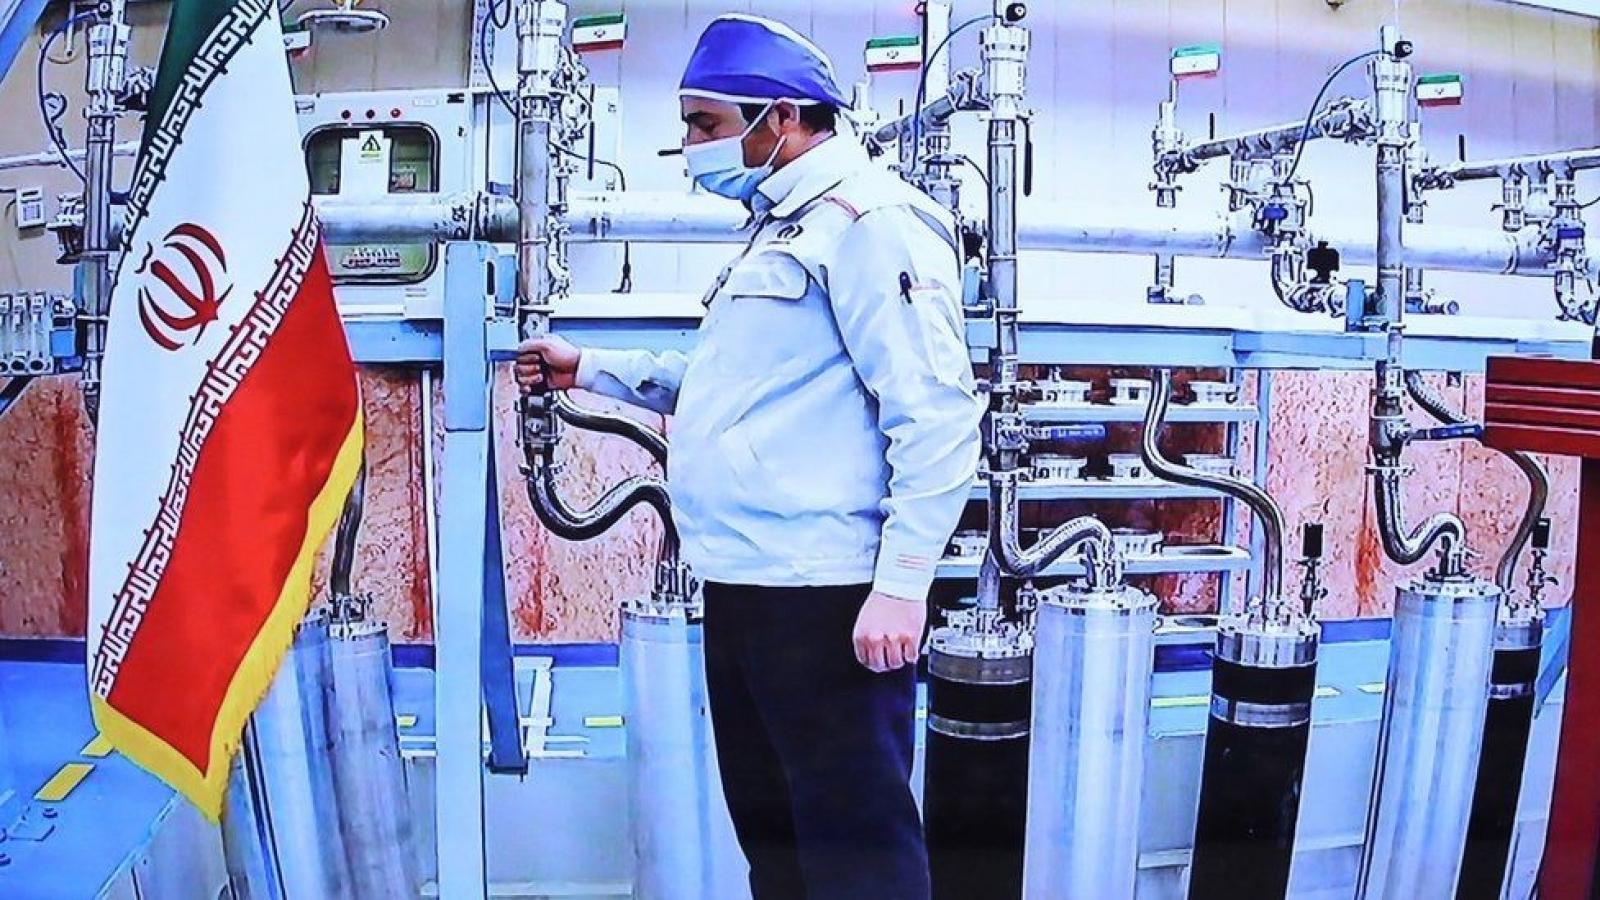 Sau vụ tấn công cơ sở hạt nhân, Iran tuyên bố làm giàu urani lên mức cao nhất